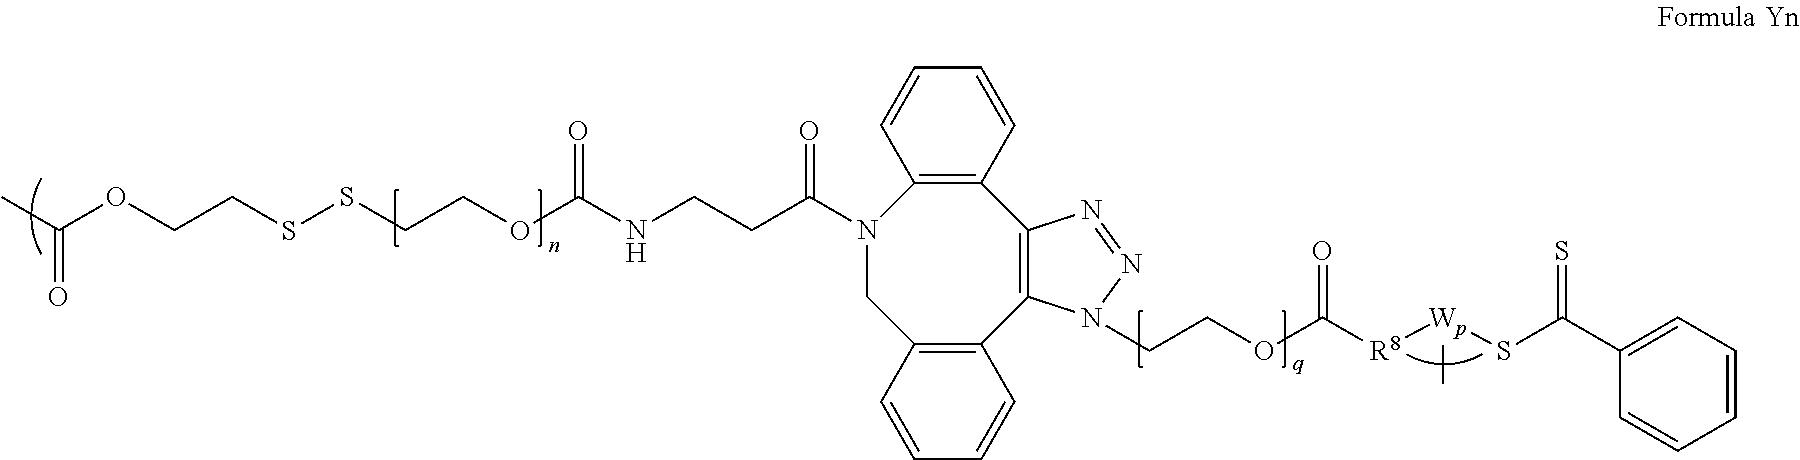 Figure US10046056-20180814-C00028